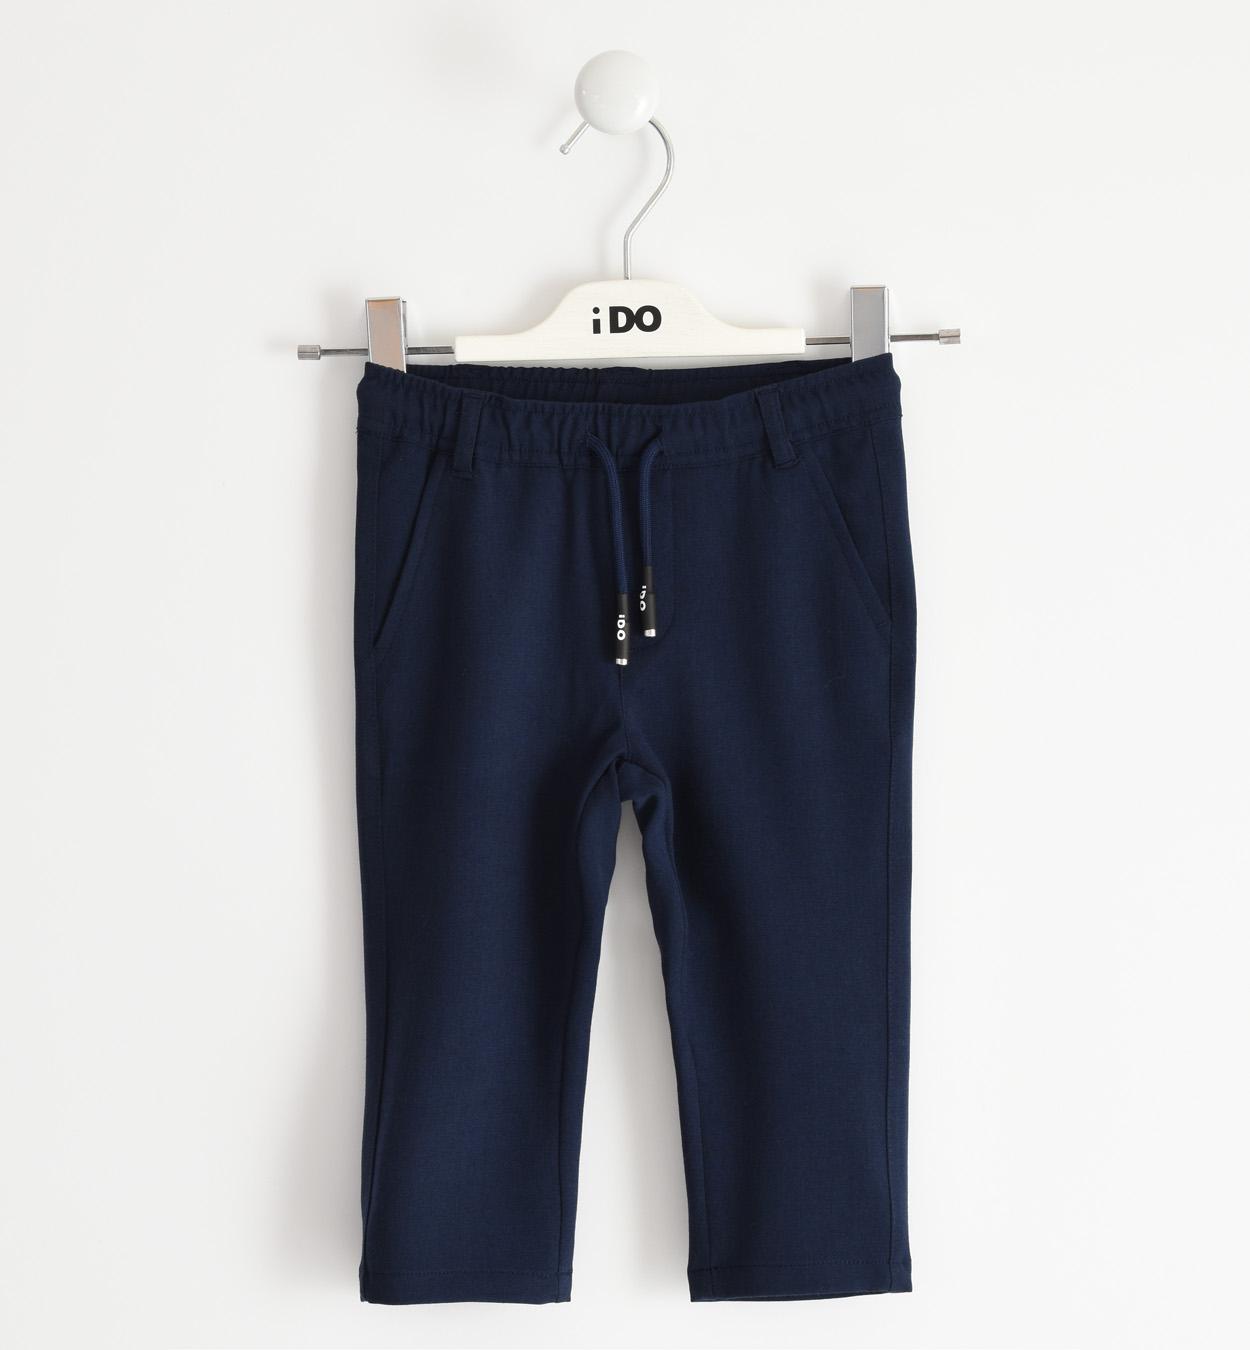 megkötős puha pamut kék nadrág